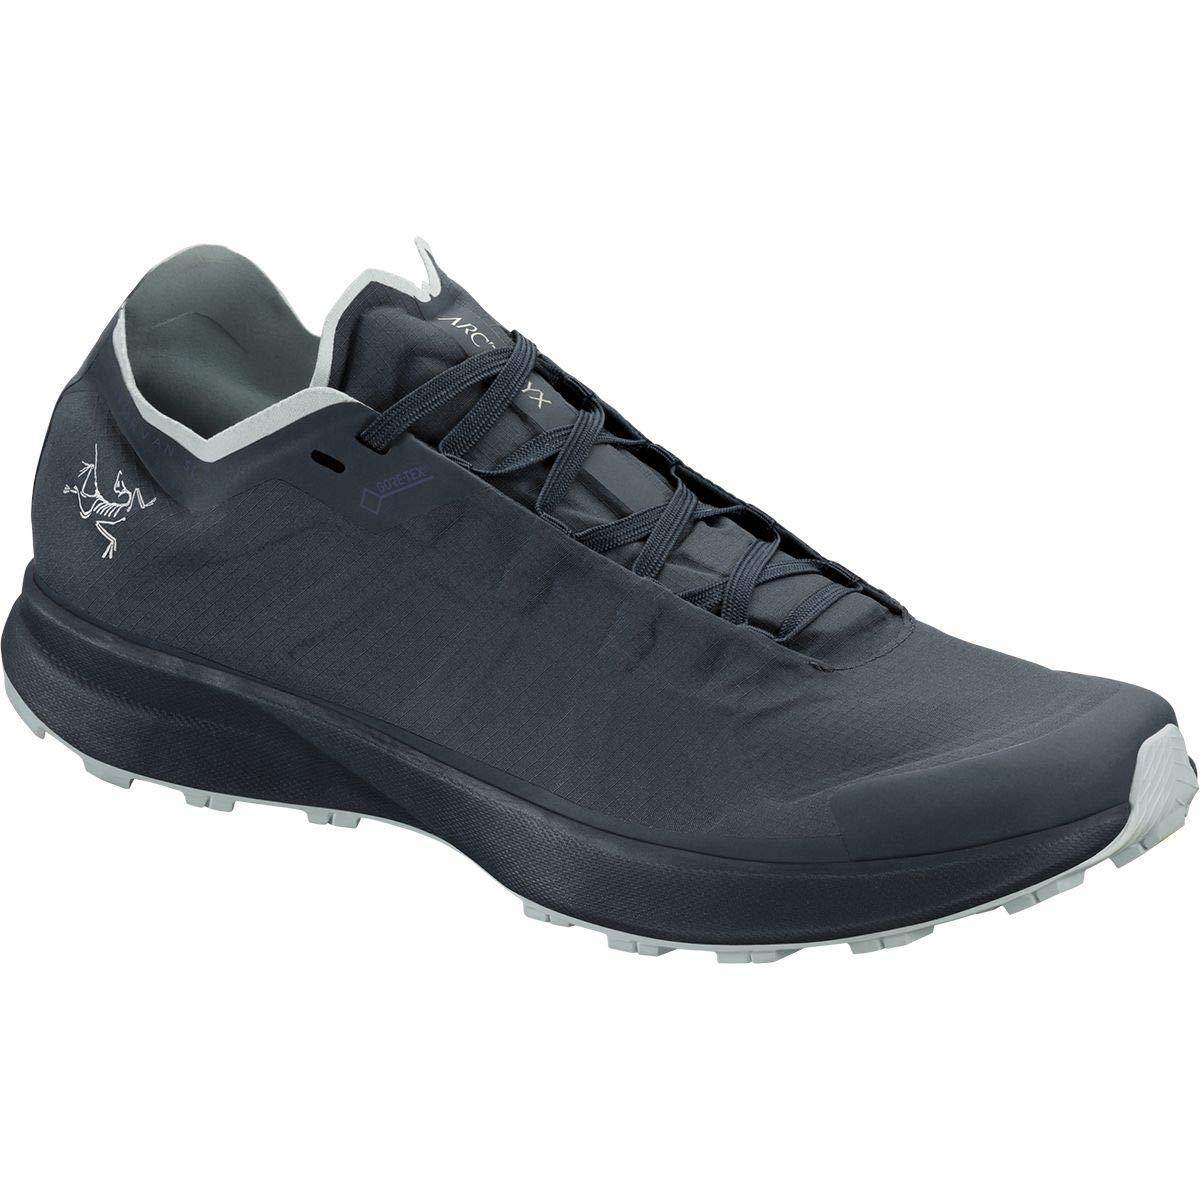 日本最大の [アークテリクス] Running レディース ランニング Norvan SL GTX Running Shoe [並行輸入品] B07MTB68CJ GTX B07MTB68CJ US-6.5/UK-5.0, 新作人気モデル:2274b8ab --- school.officeporto.com